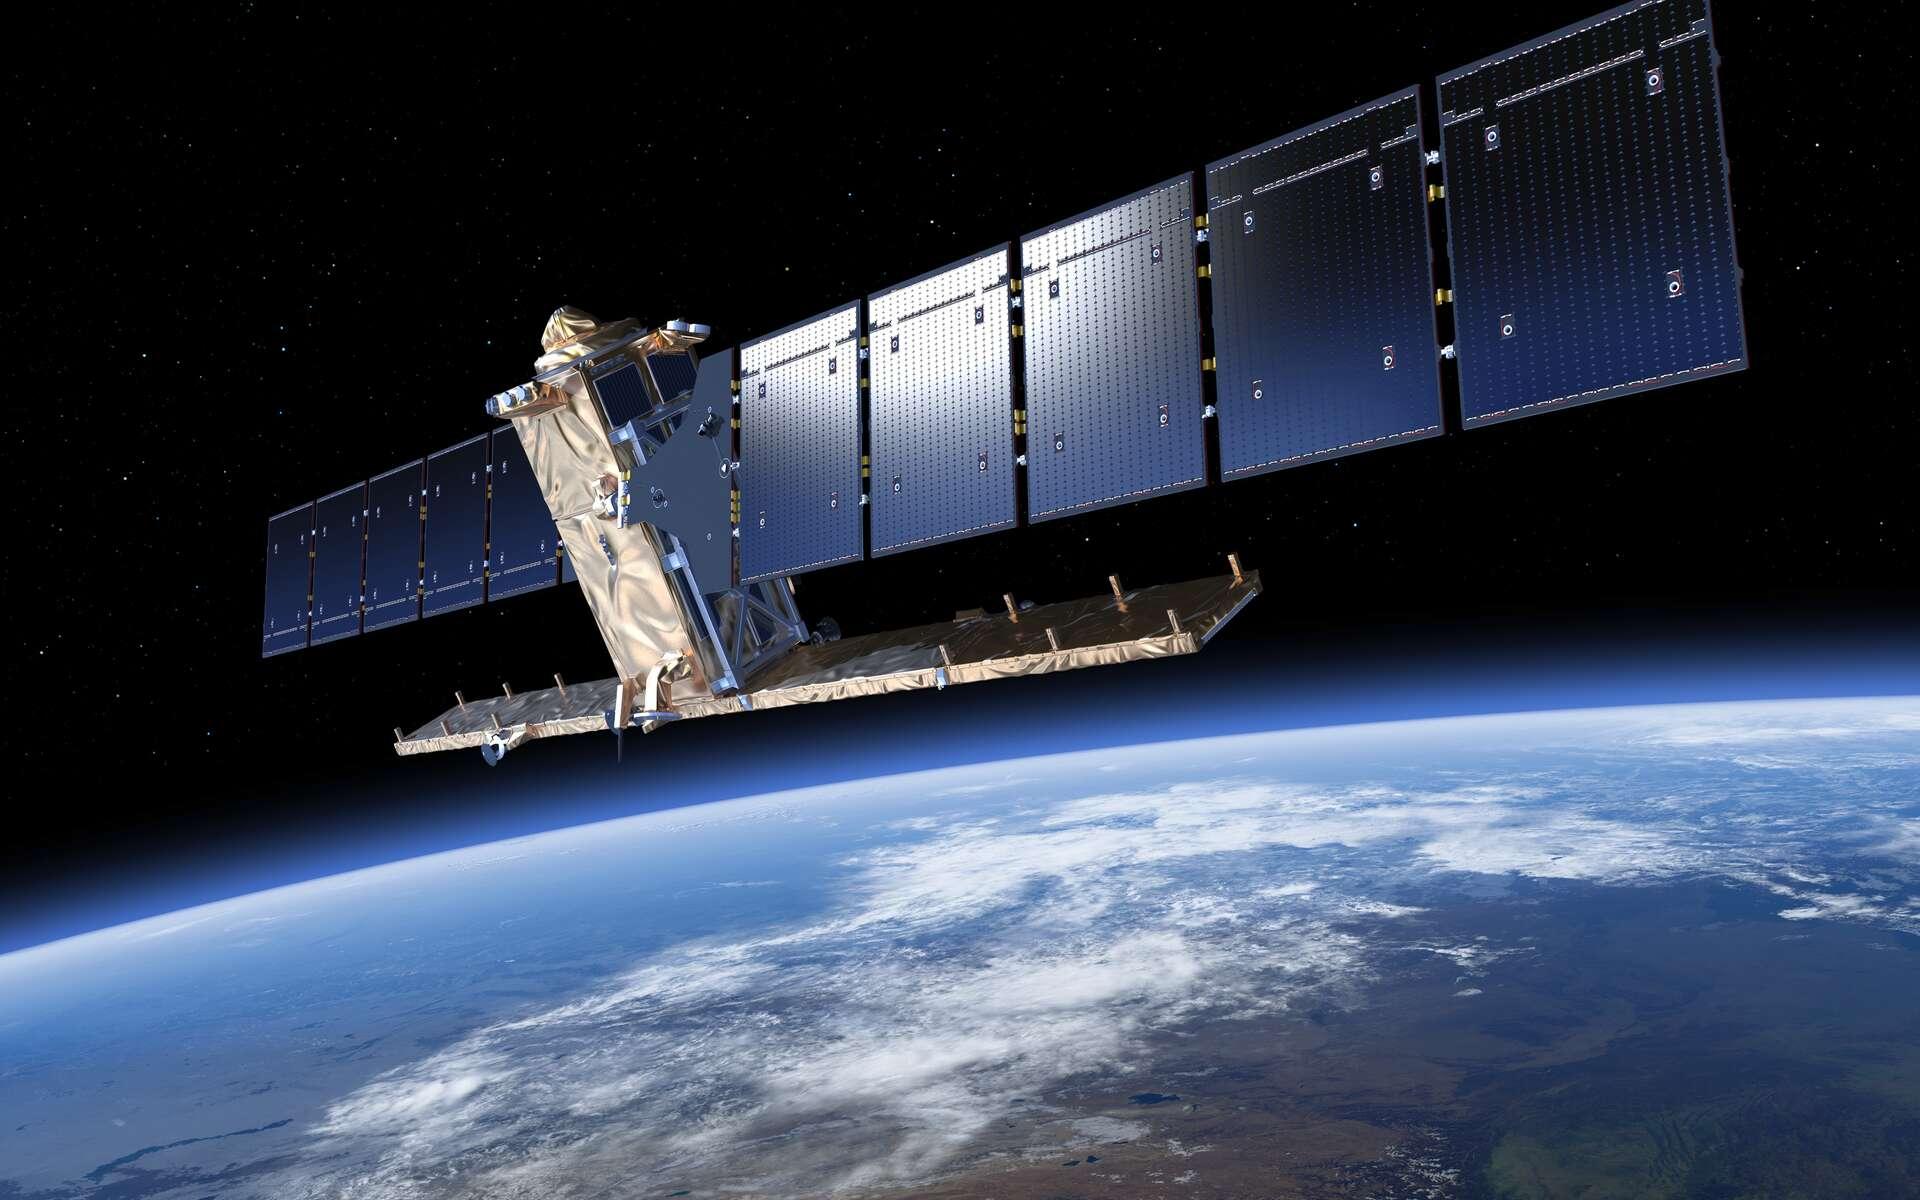 Vue d'artiste du satellite Sentinel-1A. Pour rechercher depuis l'espace un objet flottant à la surface de l'océan, il faut choisir entre une fauchée suffisamment large (la largeur du champ observé) et la résolution (en mètres par pixel). L'identification d'un débris de petite taille est difficile. © Esa, ATG medialab